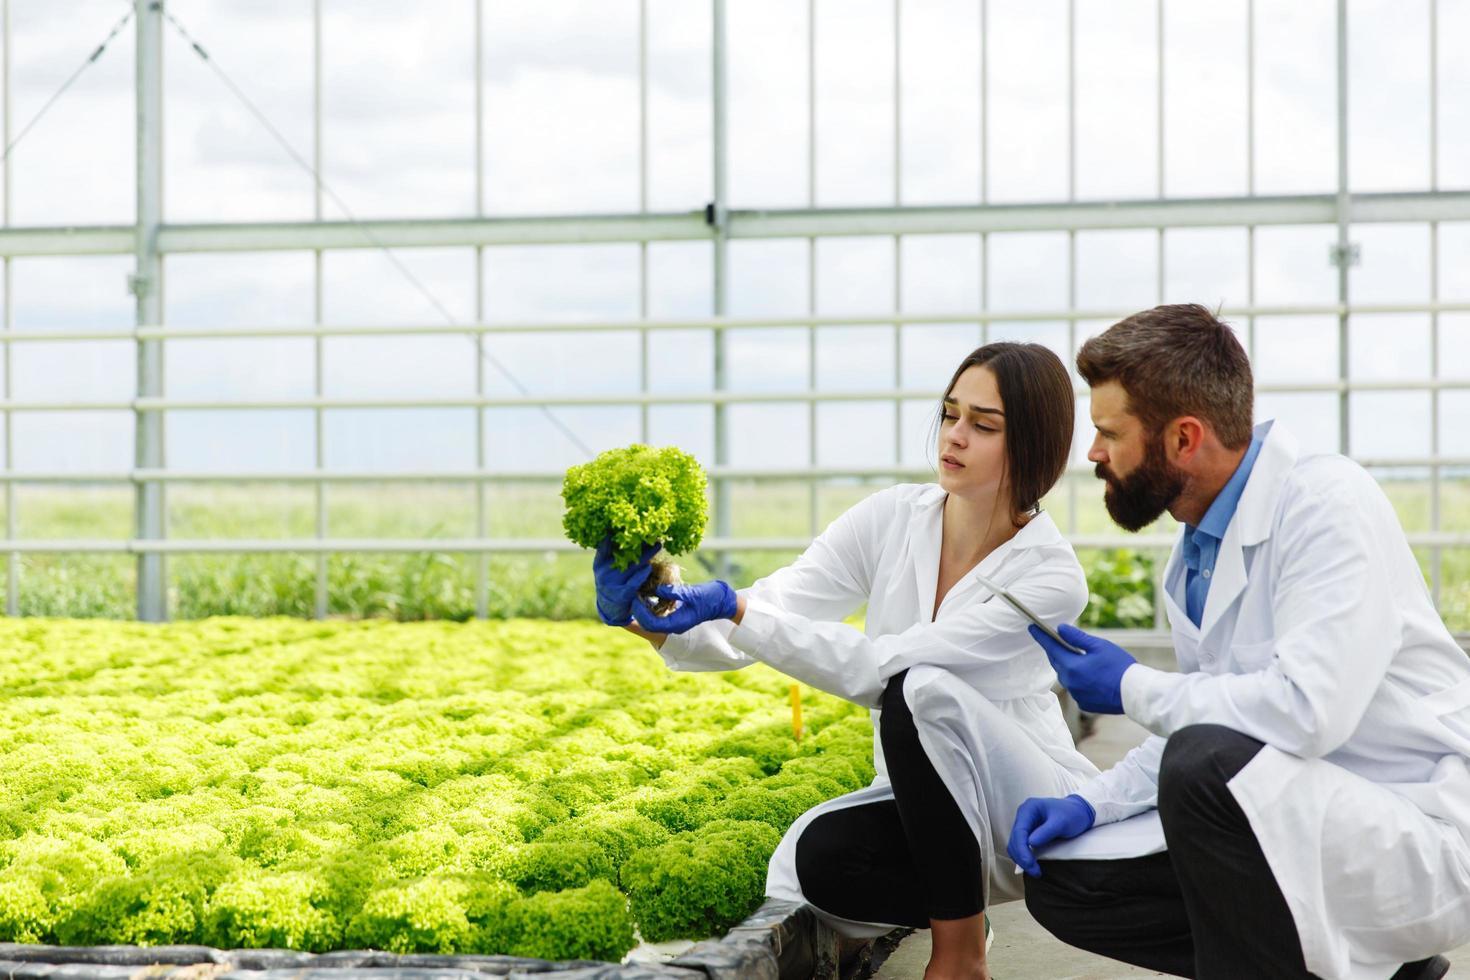 vrouw en man in laboratoriumjassen onderzoeken planten foto